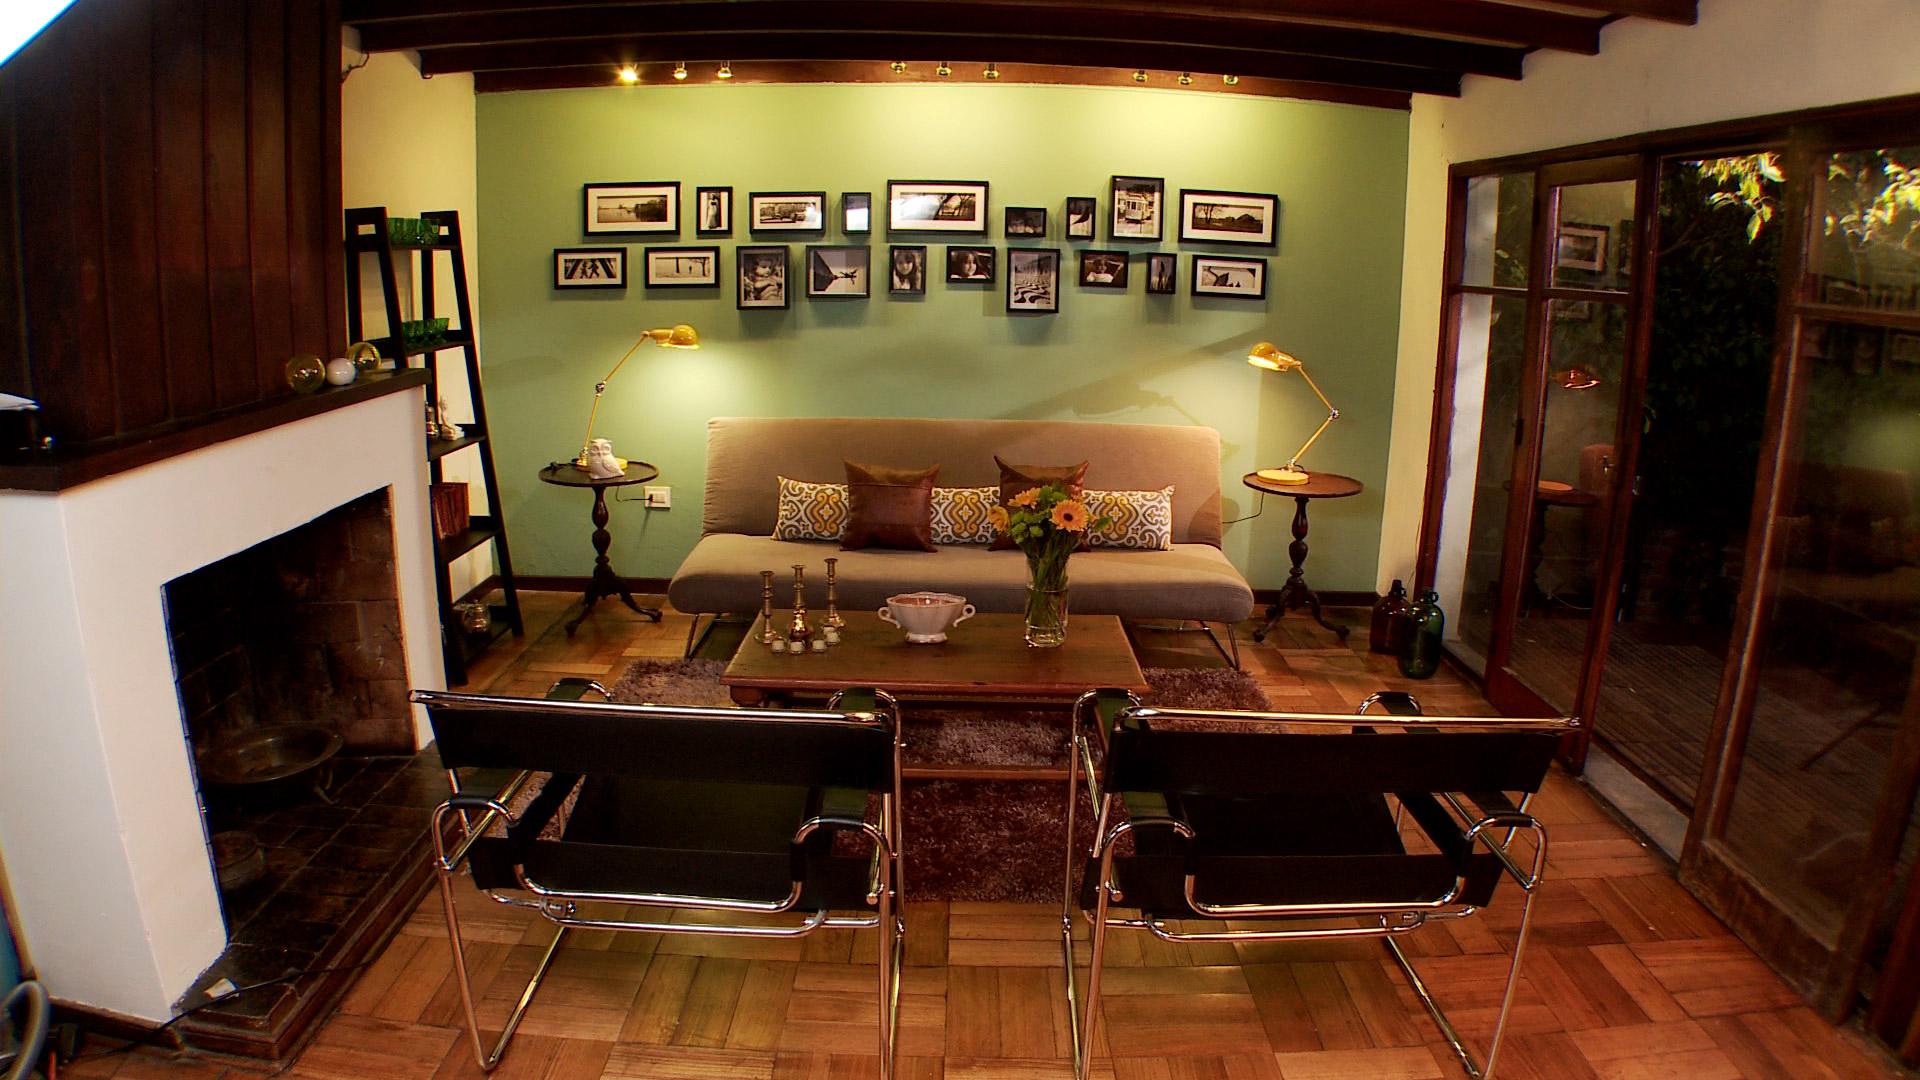 Para decorar un espacio, ya sea un living, comedor o un dormitorio hay que aplicar ciertas técnica de interiorismo, que permiten mejorar el espacio según las necesidades de quien lo usa, mezclando elementos como los colores, texturas e iluminación.